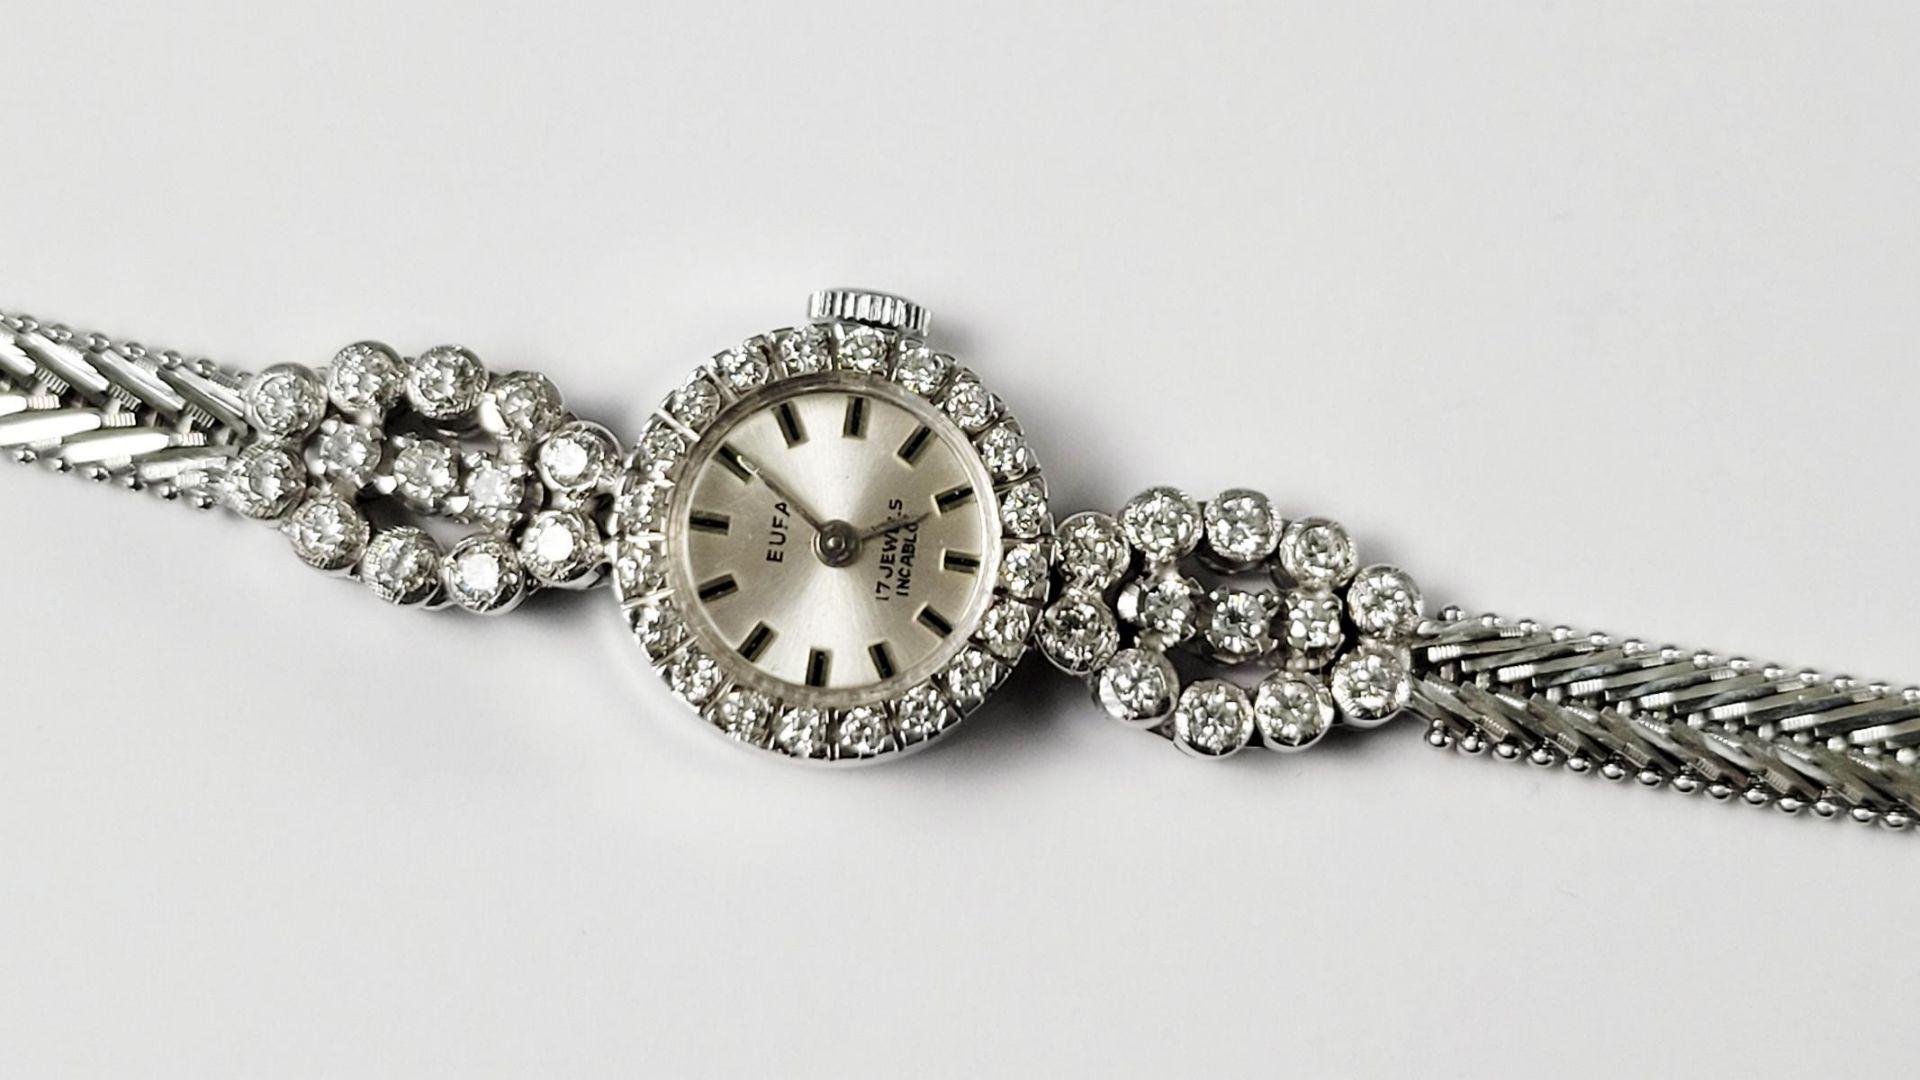 Eufa Damenarmbanduhr mit Diamanten, 14 Karat Weißgold - Bild 2 aus 4